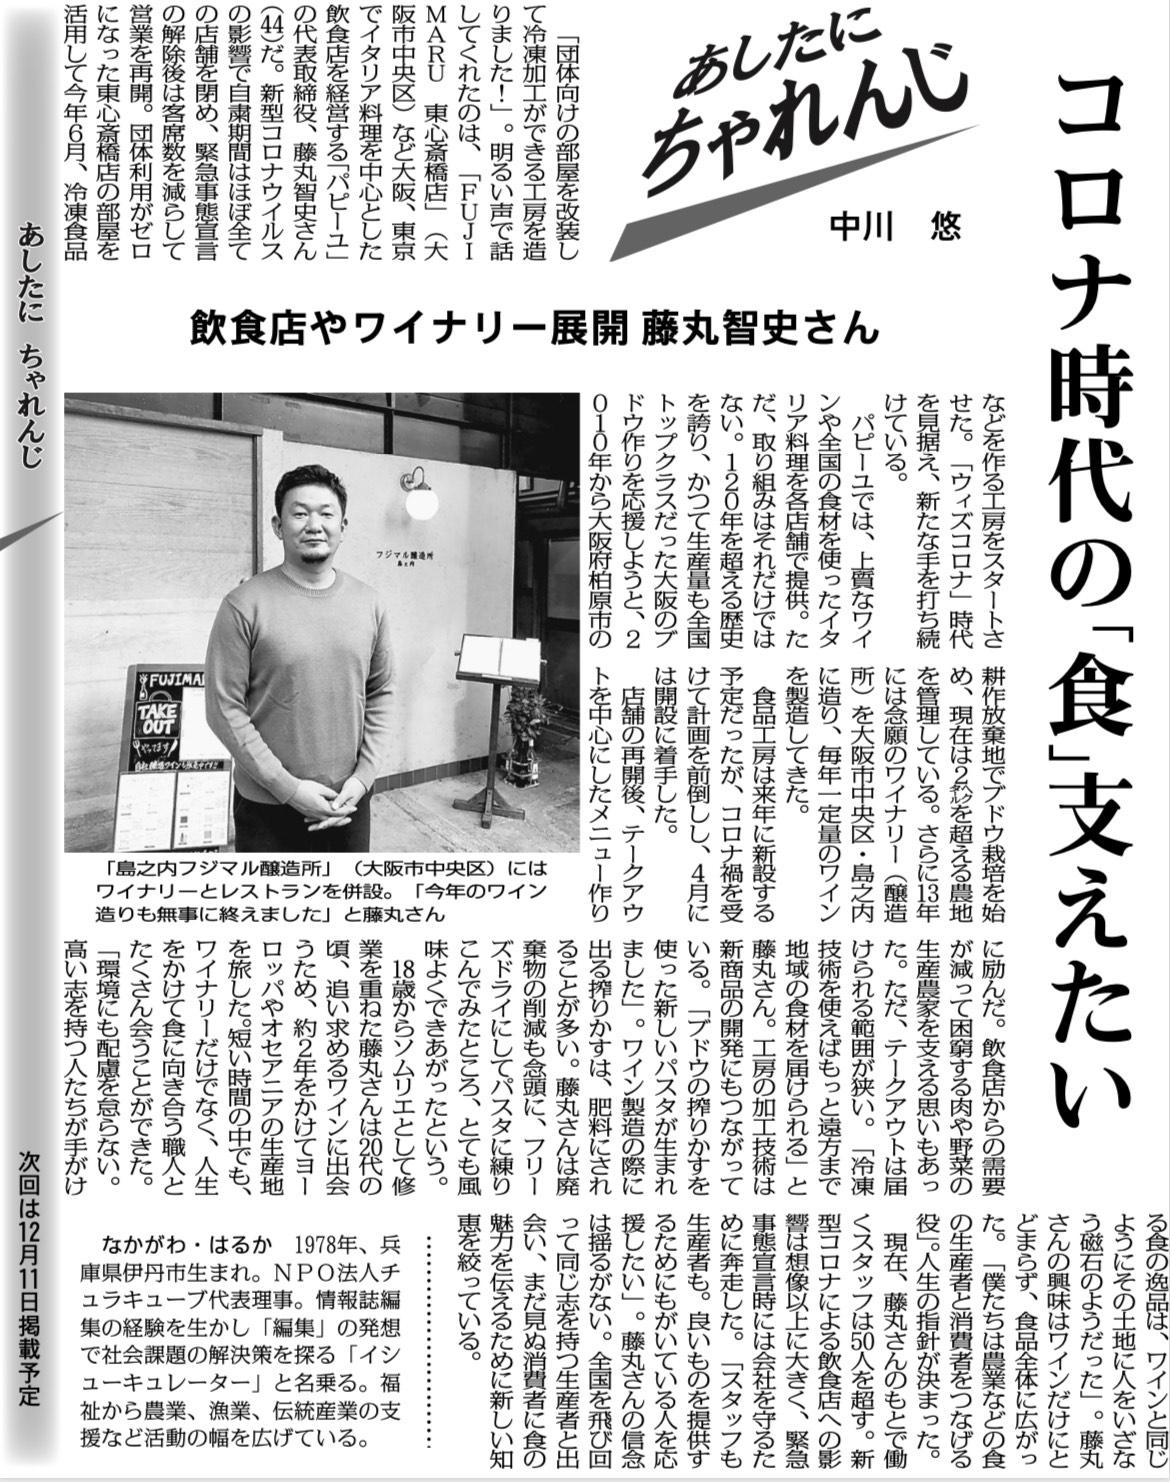 毎日新聞「あしたに、ちゃれんじ」ゲストは藤丸智史さん